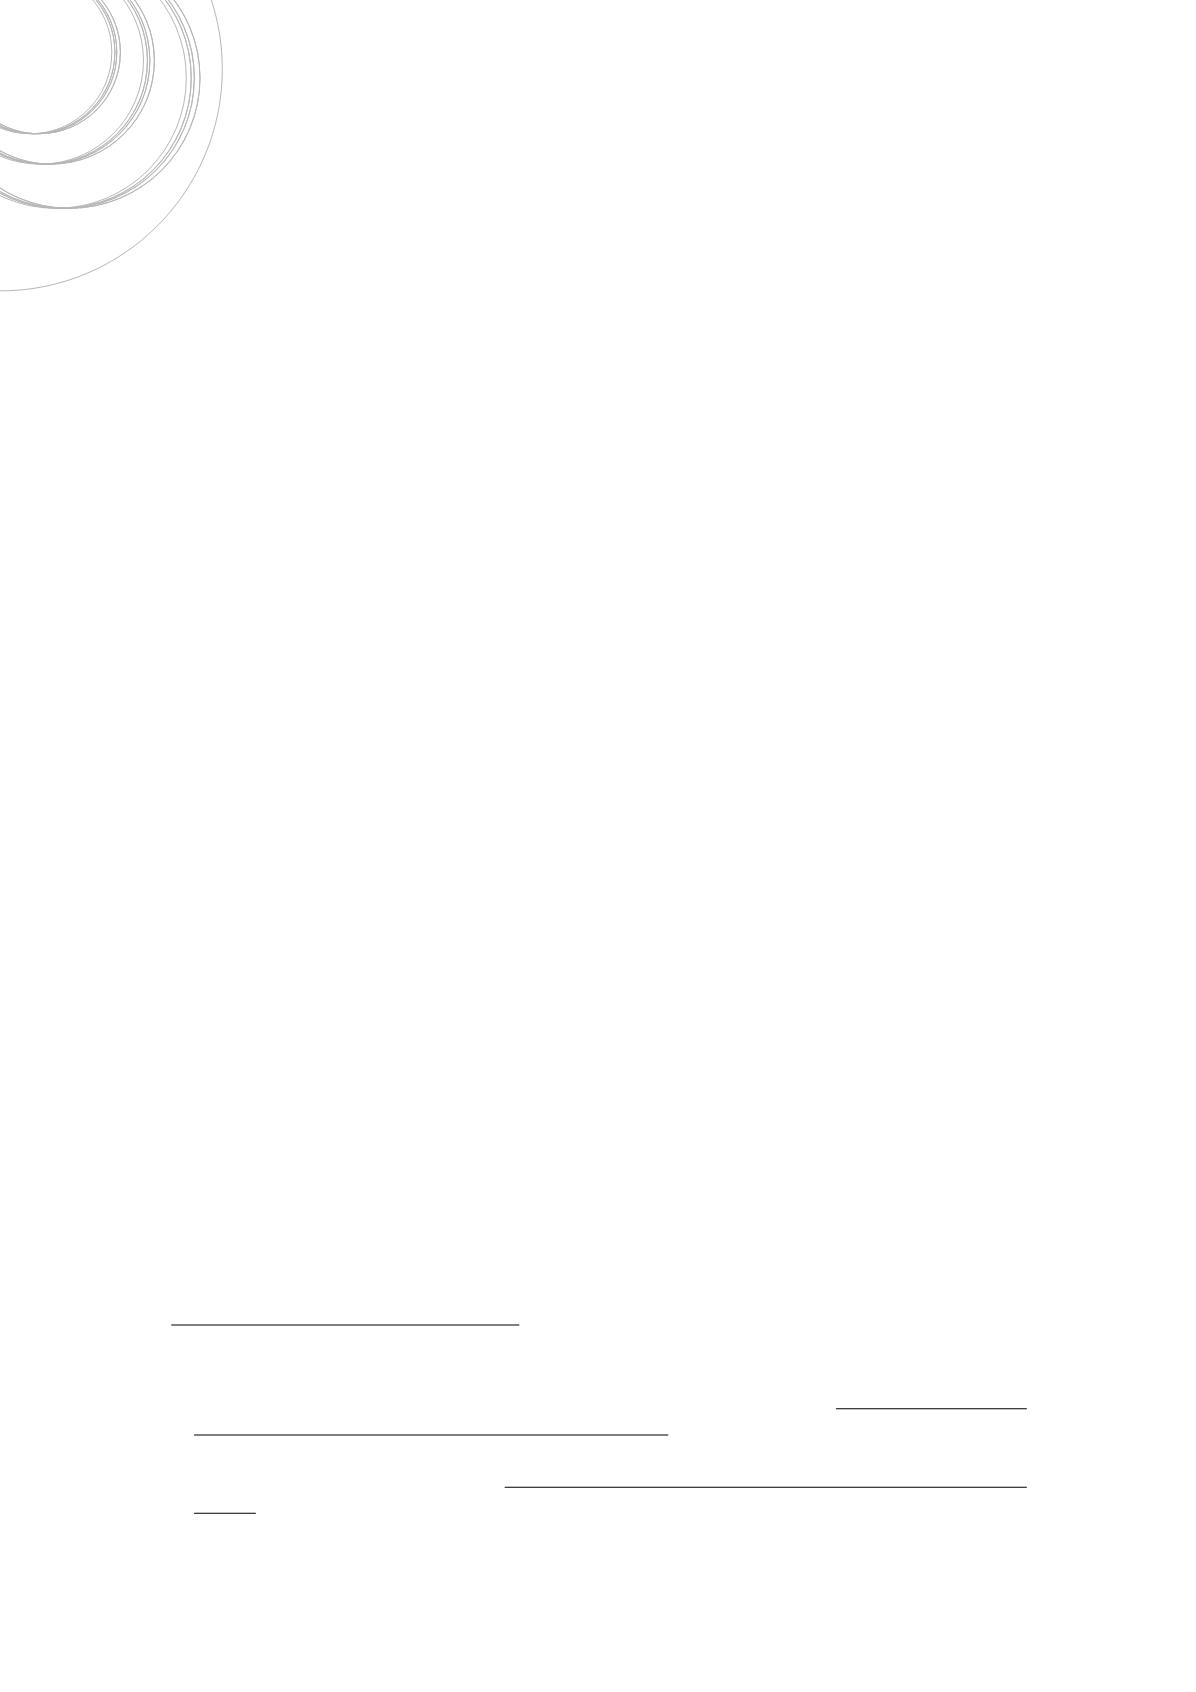 智慧財產權月刊 214 期